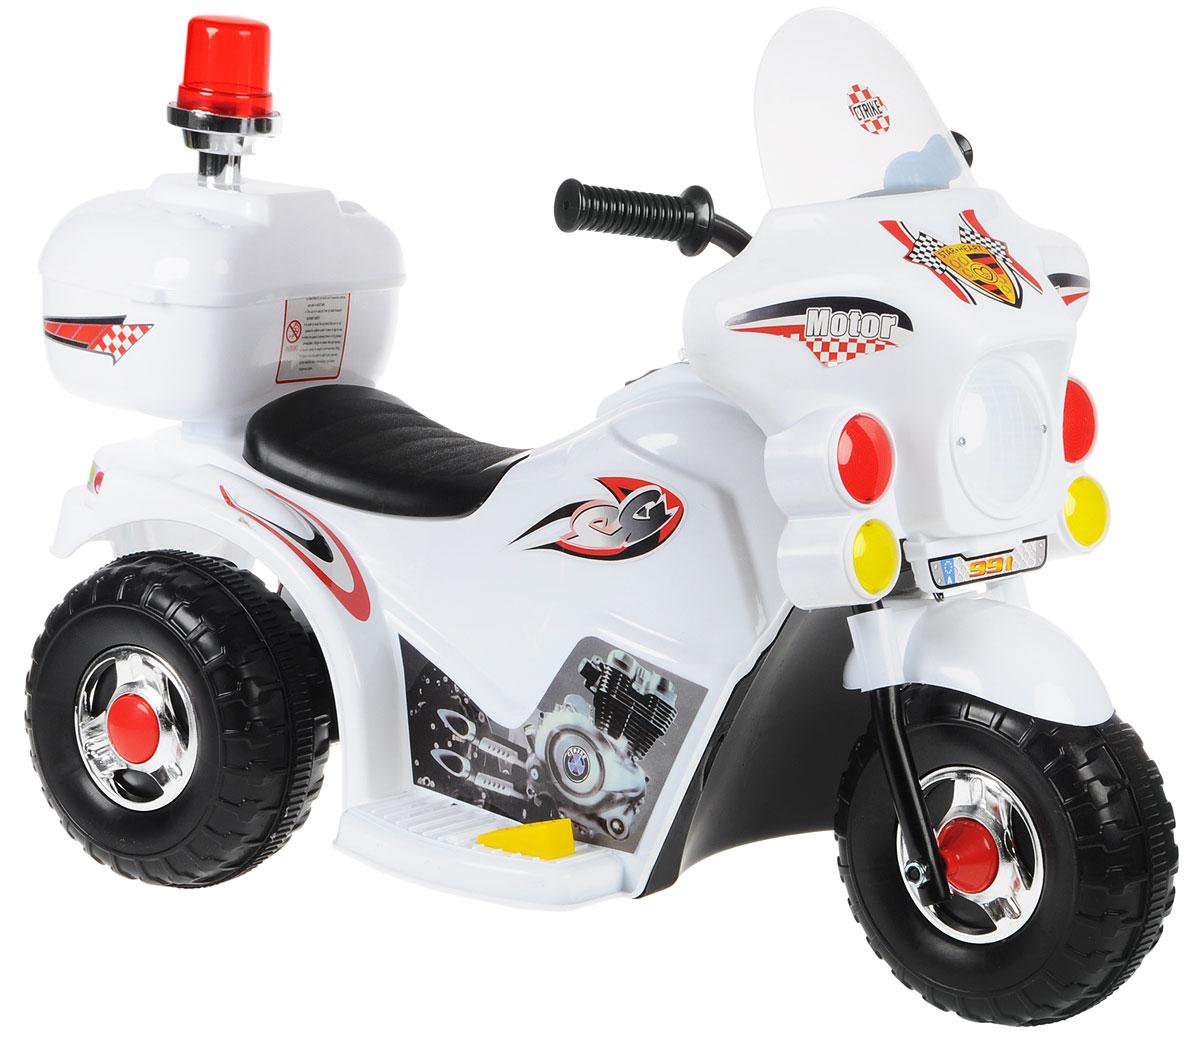 """Дети очень любят кататься на собственном, пусть пока что и игрушечном транспорте. Стильный детский мотоцикл """"G120"""" очень понравится всем мальчикам. Машина работает с помощью аккумулятора.Управляемый транспорт - это самая желанная игрушка для мальчиков. Мотоцикл имеет максимально реалистичный вид, выполнен в ярких, привлекательных цветах, что делает его еще более интересным.Электромобиль рассчитан на детей в возрасте от трех до восьми лет (максимально допустимая нагрузка составляет 25 кг). Мощности будет вполне достаточно, чтобы почувствовать себя начинающим байкером, а одного заряда аккумулятора хватит не на один час прогулки.Игрушка движется вперед и назад, имеются световые и звуковые эффекты.Особенную радость доставит родителям небольшой вес модели. Да и габариты настолько невелики, что мотоцикл можно хранить даже в квартире и перевозить в небольшом багажнике автомобиля.Зарядка аккумулятора осуществляется посредством зарядного устройства, которое входит в комплект. Время зарядки составляет около 12 часов."""